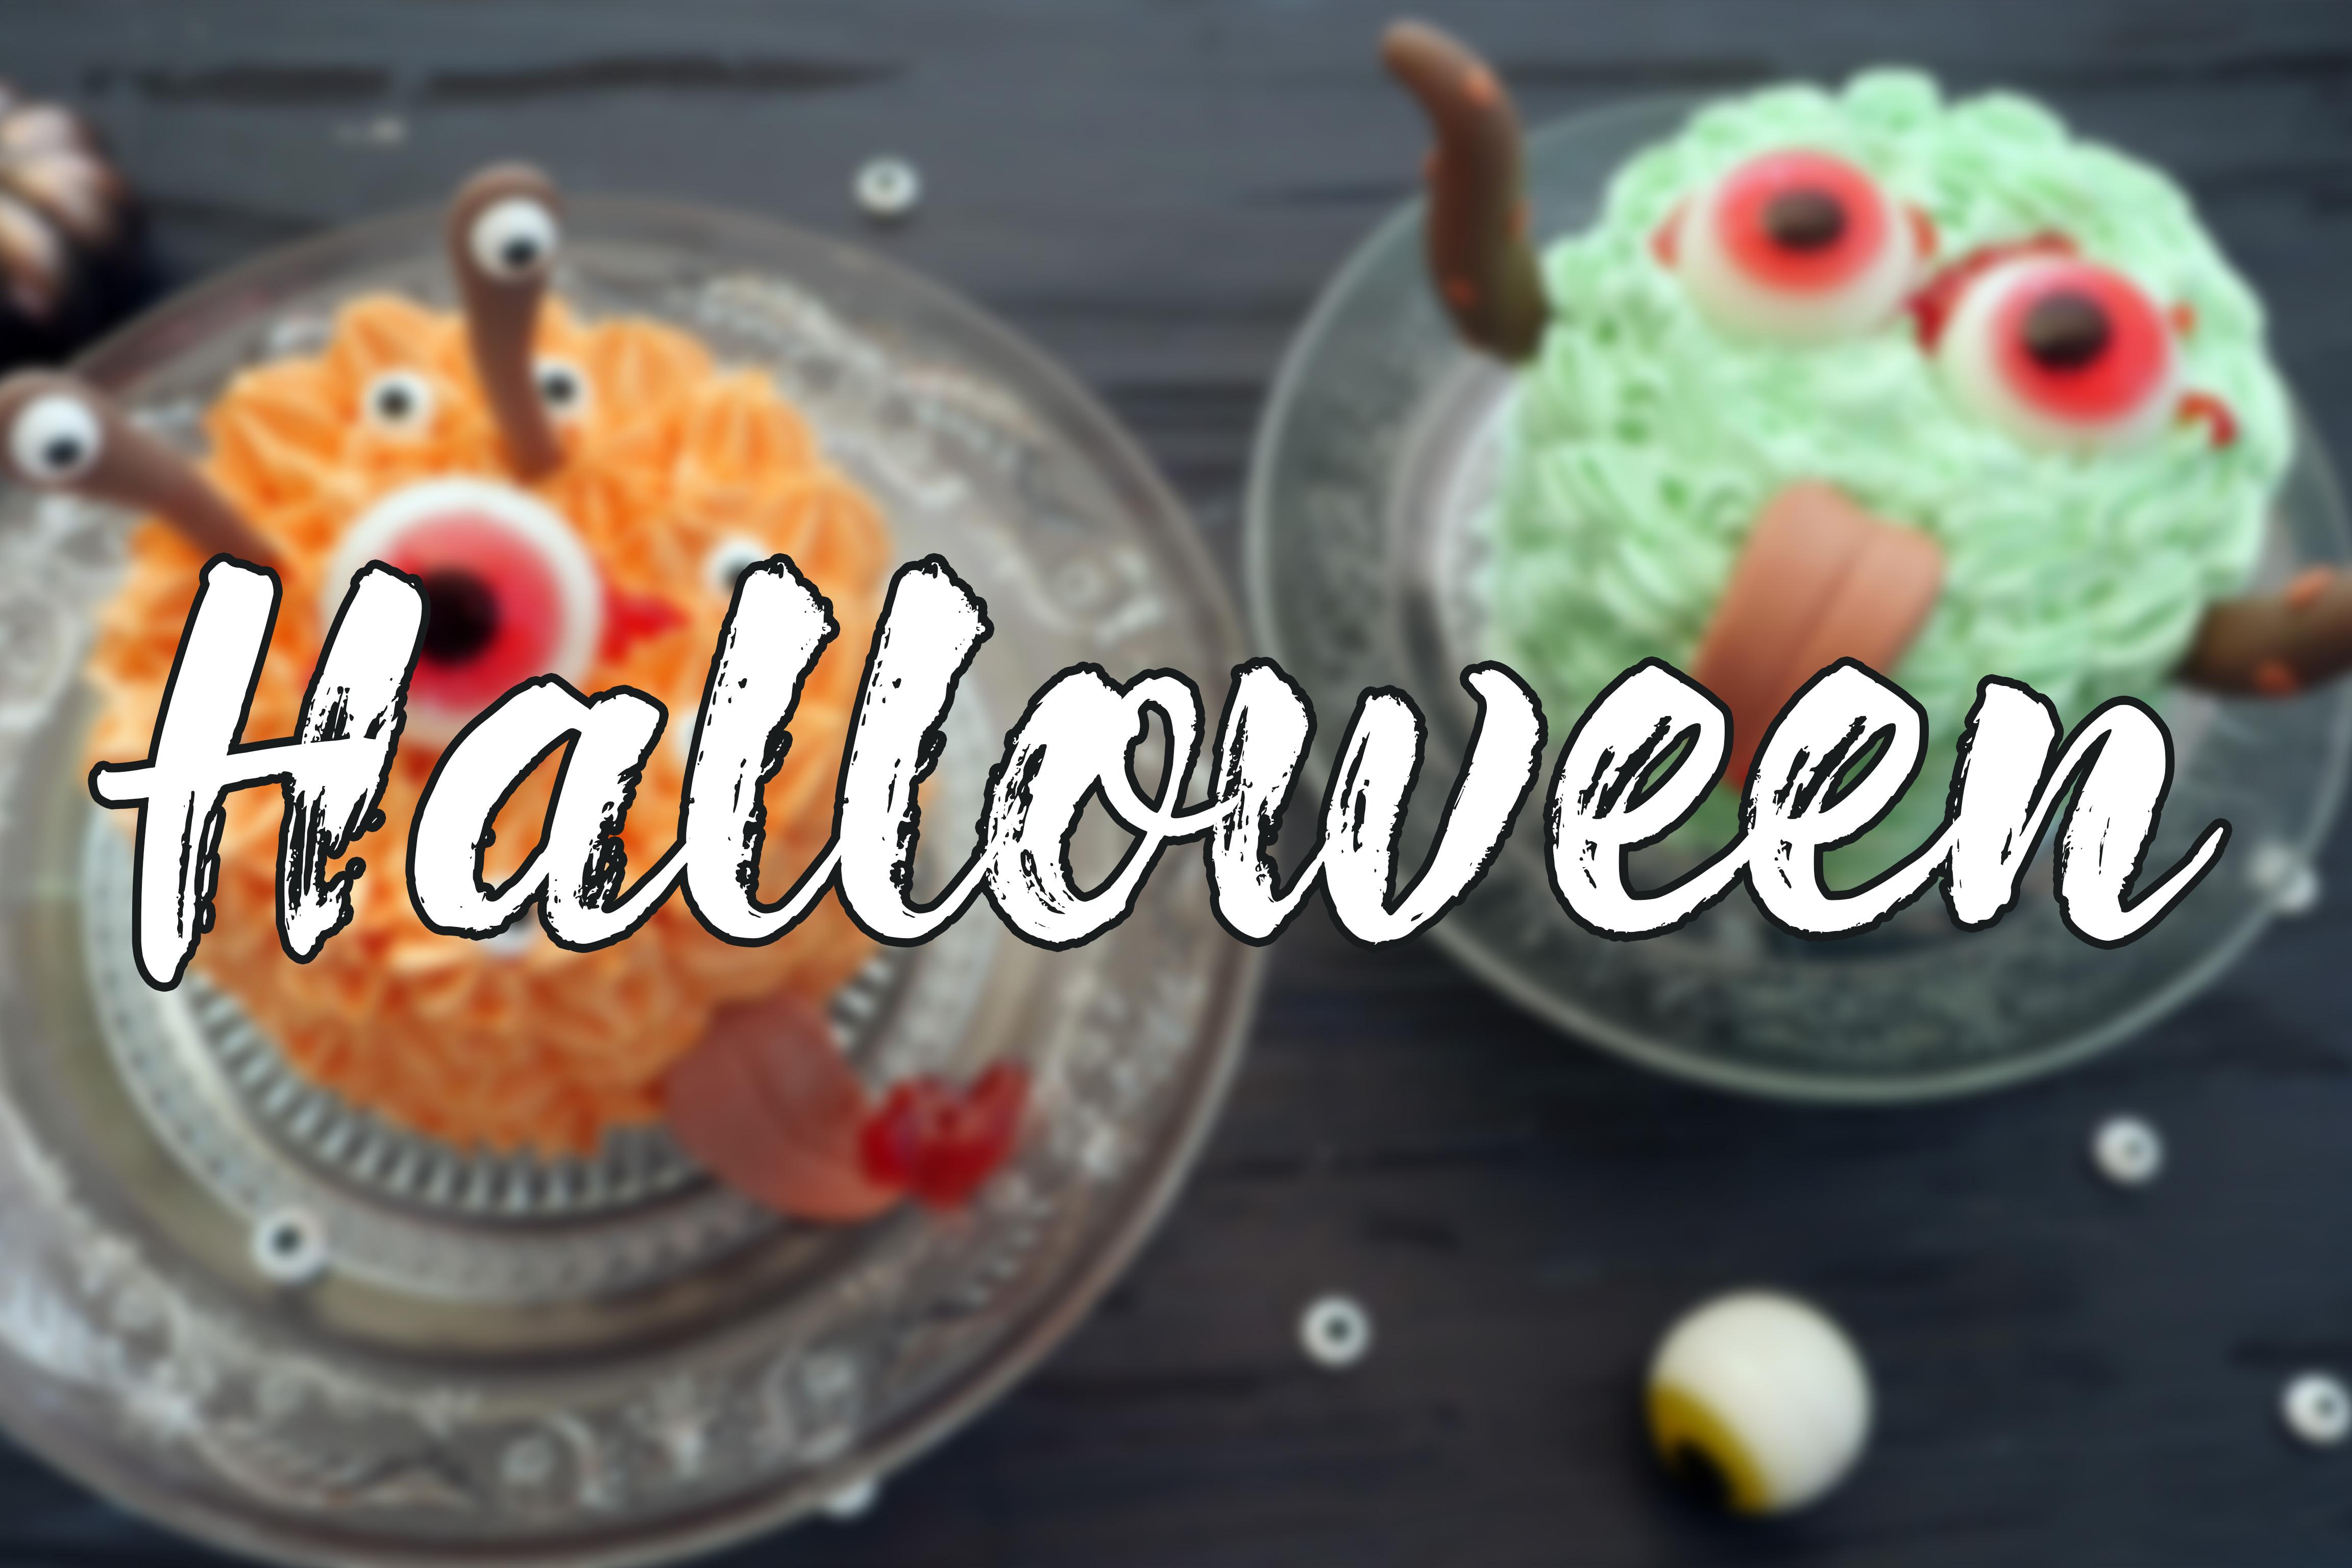 halloween rezepte, halloween snacks, halloween, rezept, rezeptideen, rezepte, party snacks